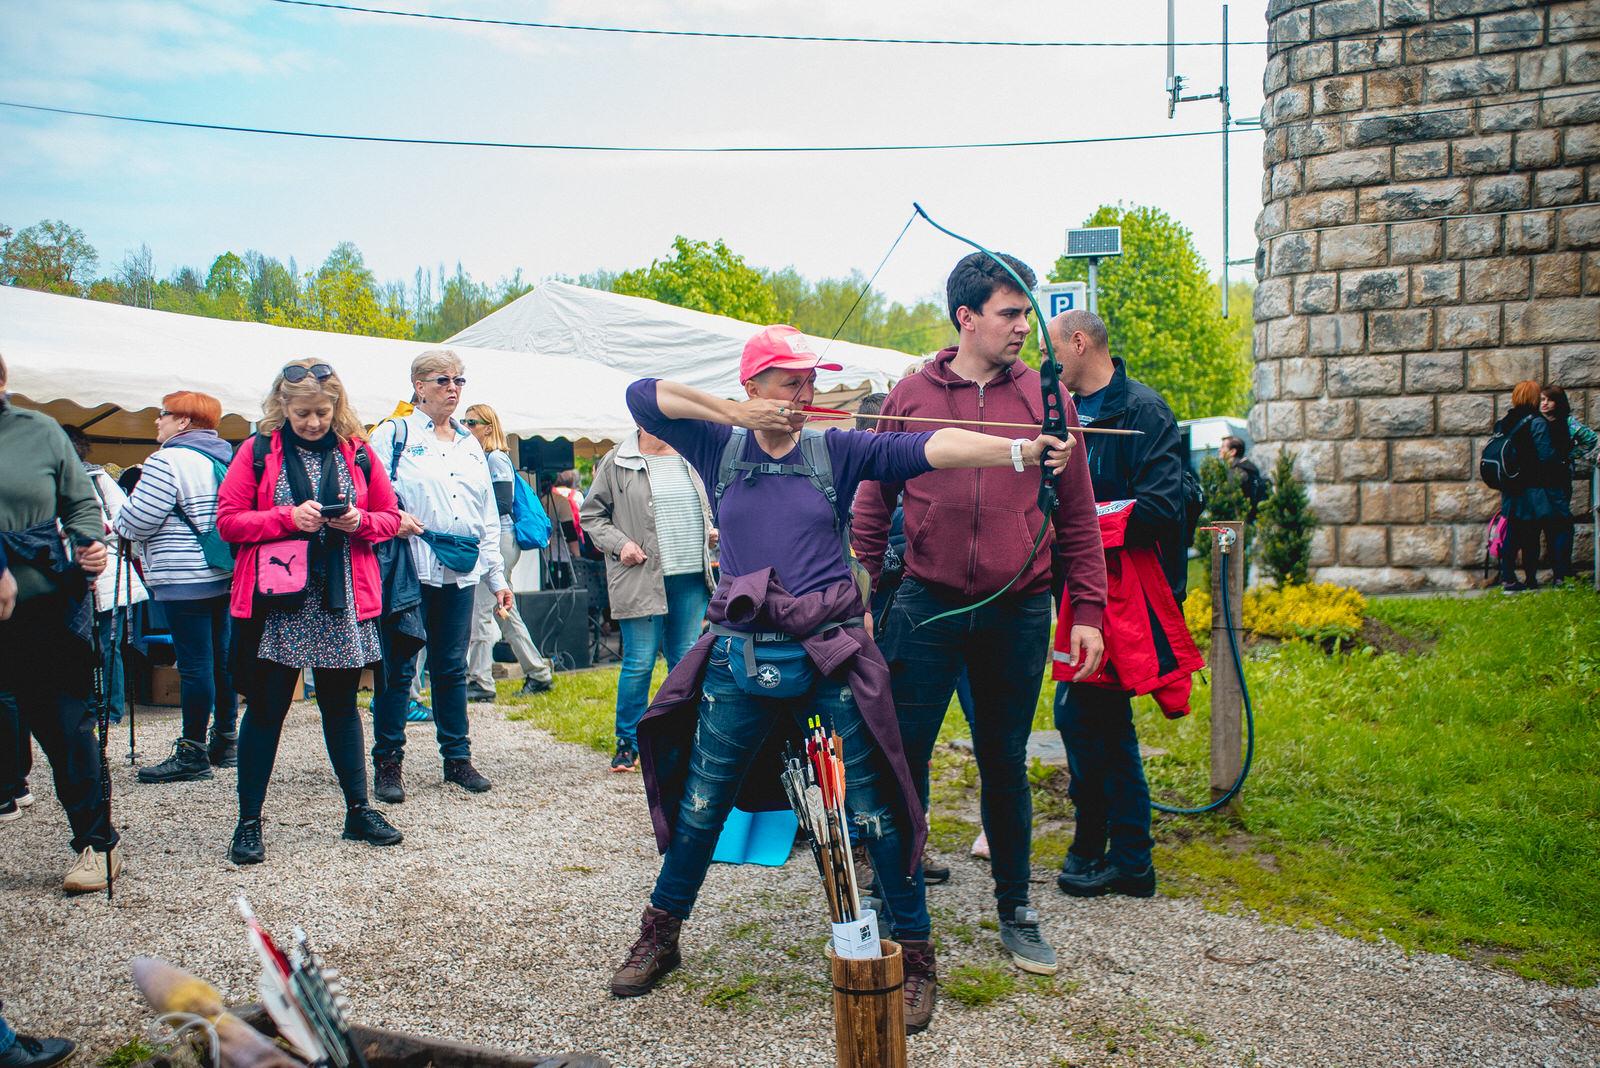 likaclub_slunj_rastoke_5-festival-nordijskog-hodanja_2019-30